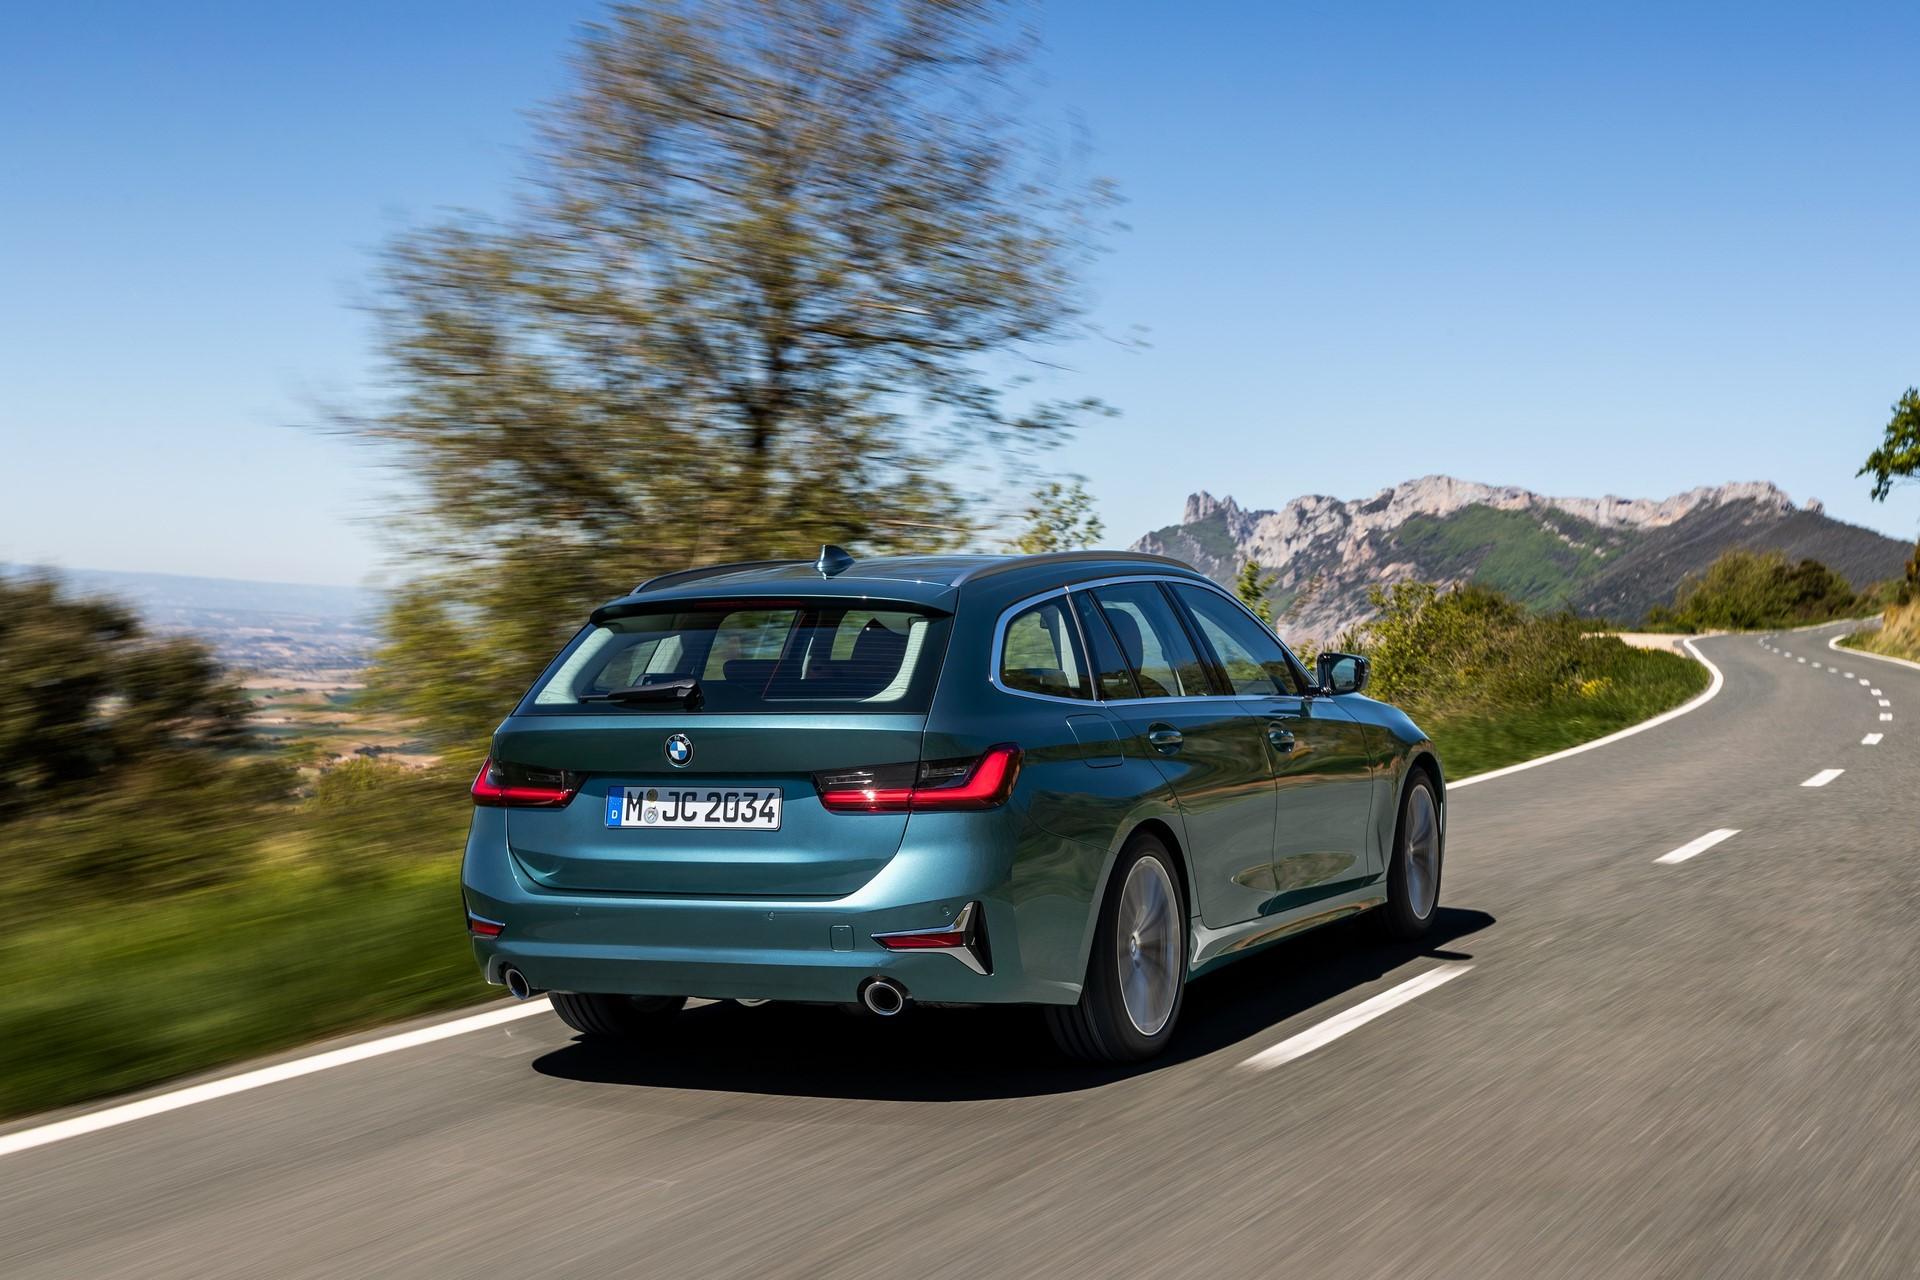 BMW-3-Series-Touring-2019-33